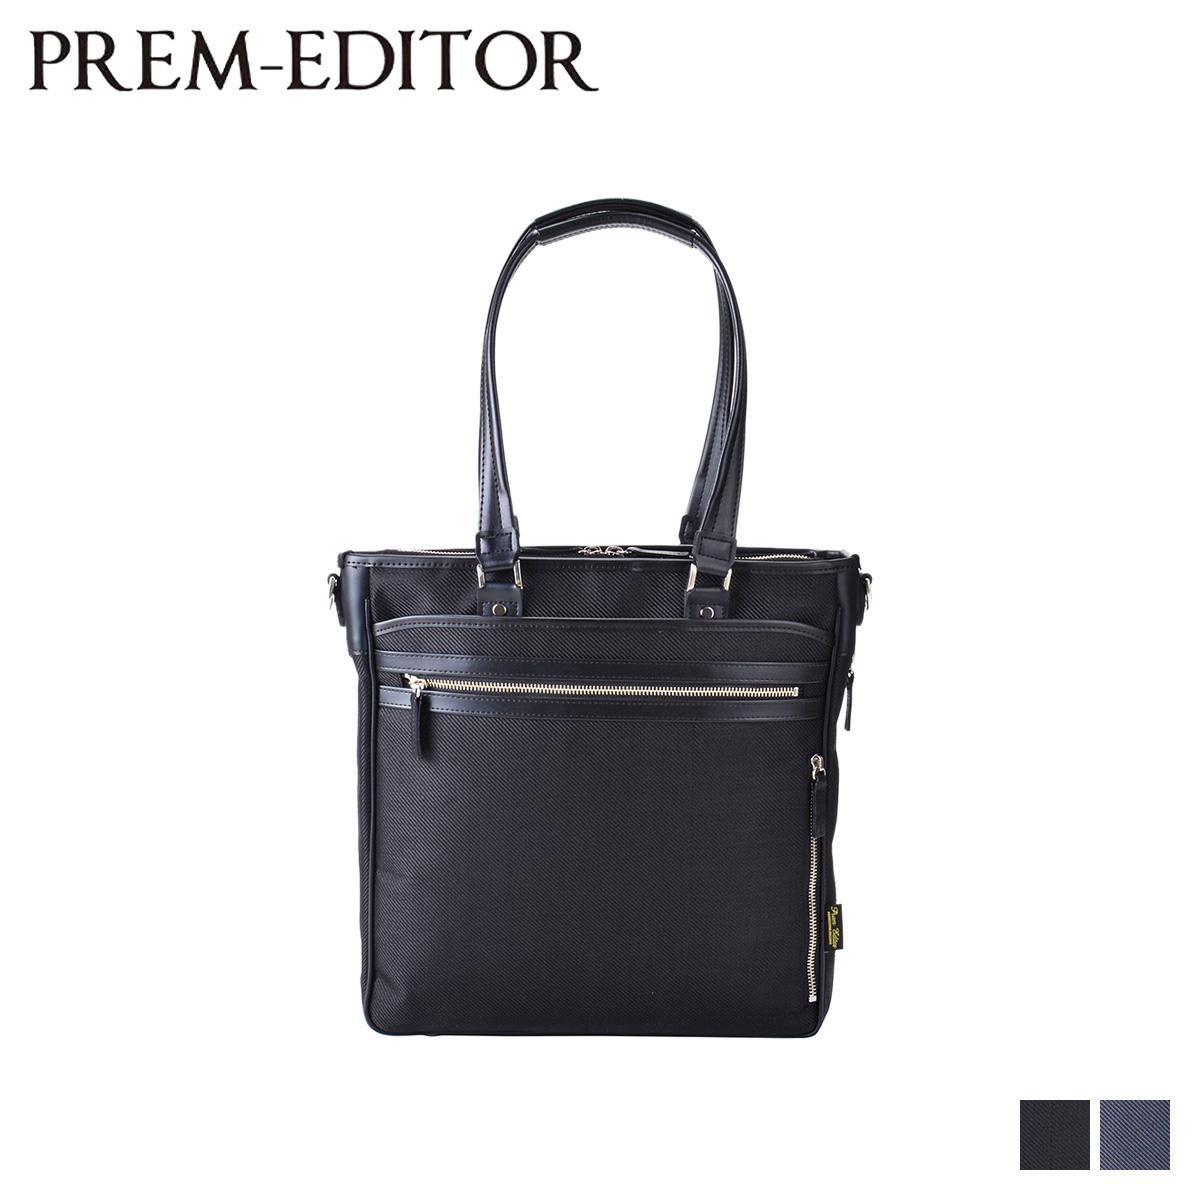 PREM-EDITOR プレム エディター バッグ トートバッグ ショルダー メンズ レディース ビジネス 縦型 2way TOTE BAG ブラック ネイビー 黒 2789